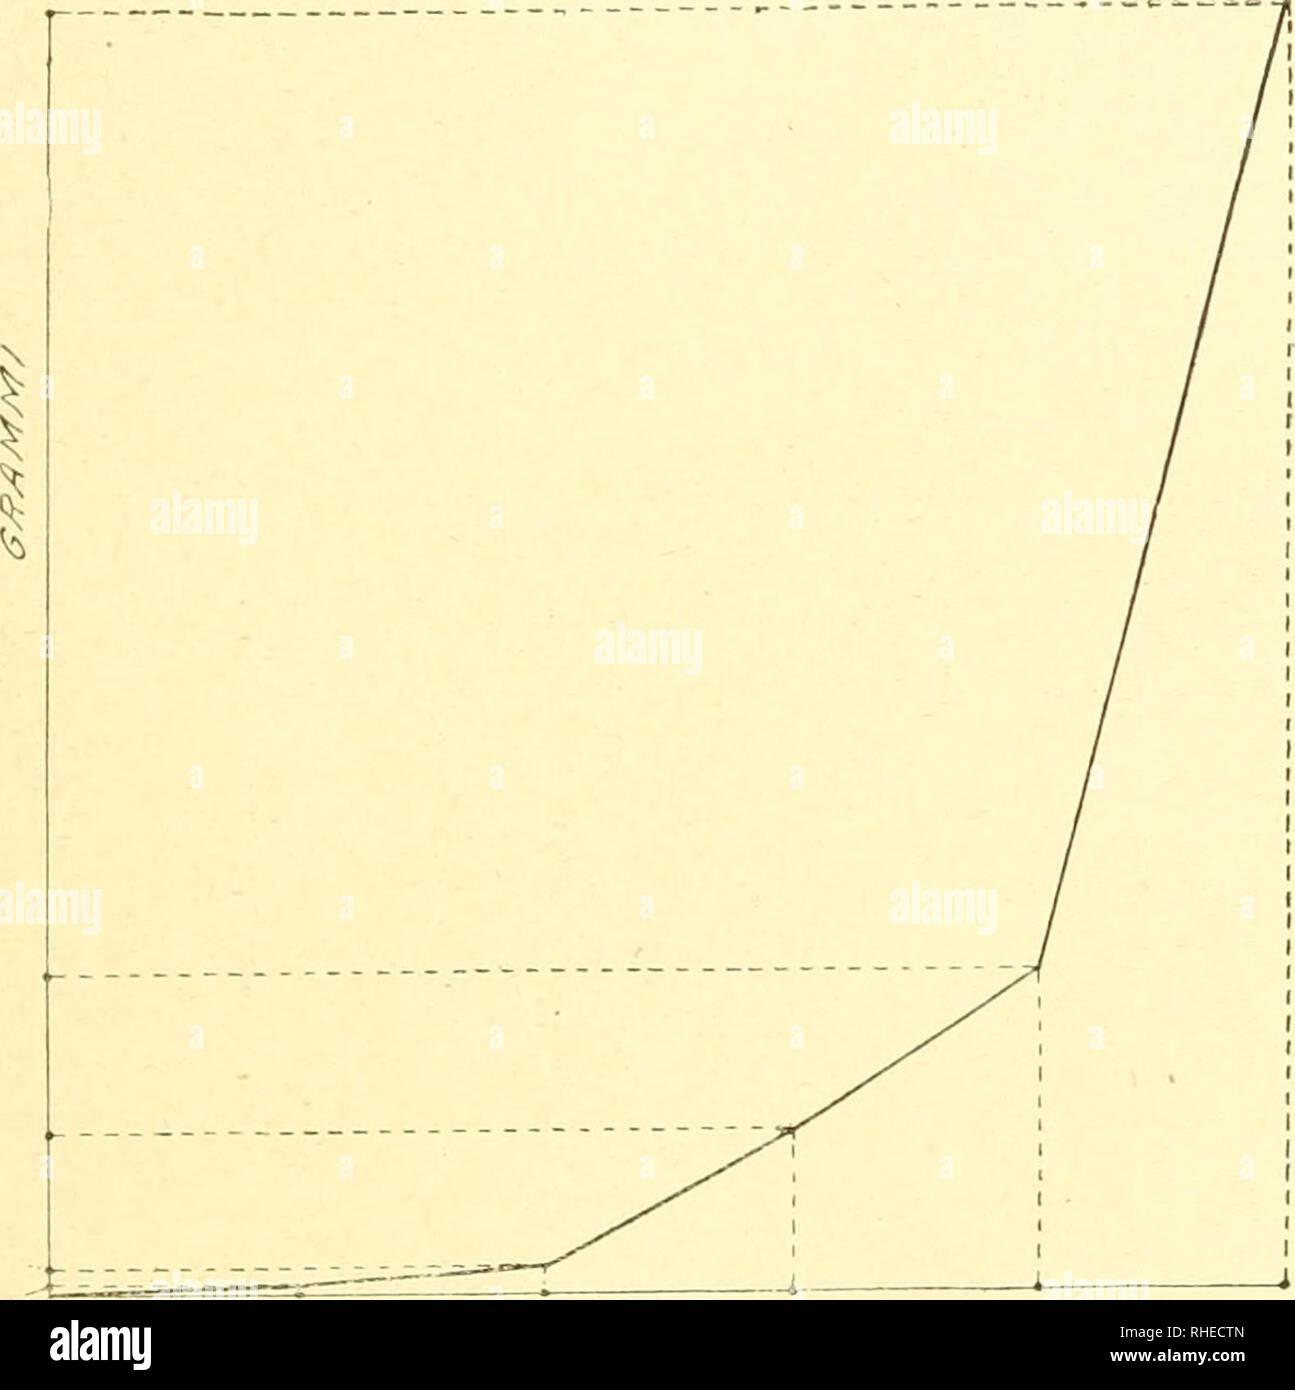 """. Bollettino del Laboratorio di Zoologia generale e agraria della R. Scuola superiore d'agricoltura de Portici. Zoología; zoología, entomología económica;. 61 - Curva simili sono estado tracciate per lo sviluppo di pesci e mam- miferi, interpreta questa curva vienen traduzione dell' intossica- riori â egli aggiunge Io non conosco documenti; ma sono 0,0 5 0,007. 0.00056 ETA c2Â"""" S/0.9Af/ Fig. I. Curva di sviluppo del Baco (secondo i dati del Ciccone). (.Sulle ascisse la durata delle età en giorni, considerata uguale per tutte, sulle ordenadas iniziale il peso delle età iu granimi). convinto che 1' ac Foto de stock"""